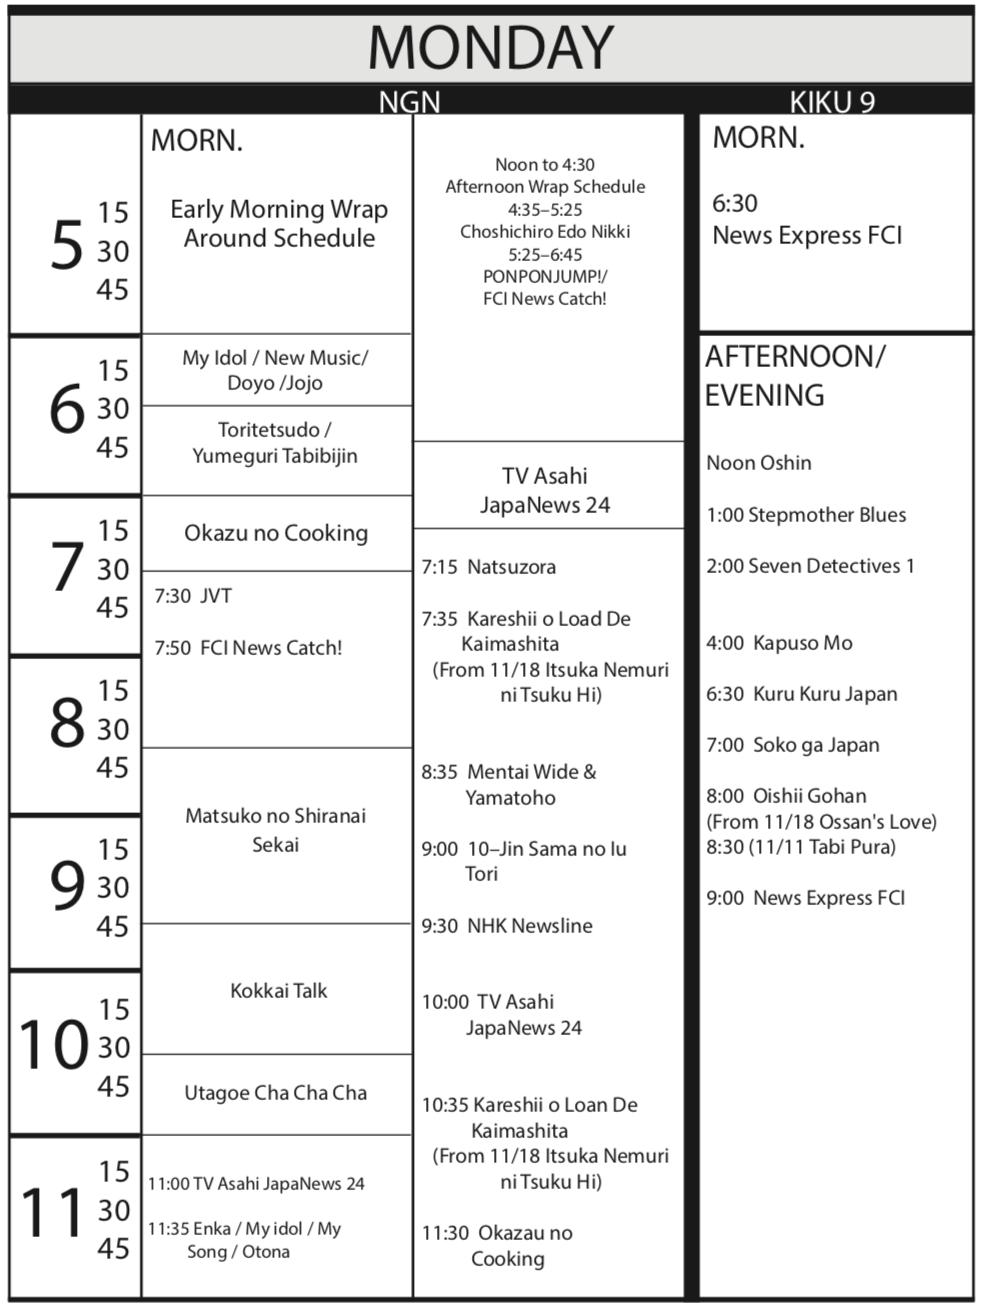 TV Program Schedule Oct. 18, 2019 Issue - Monday